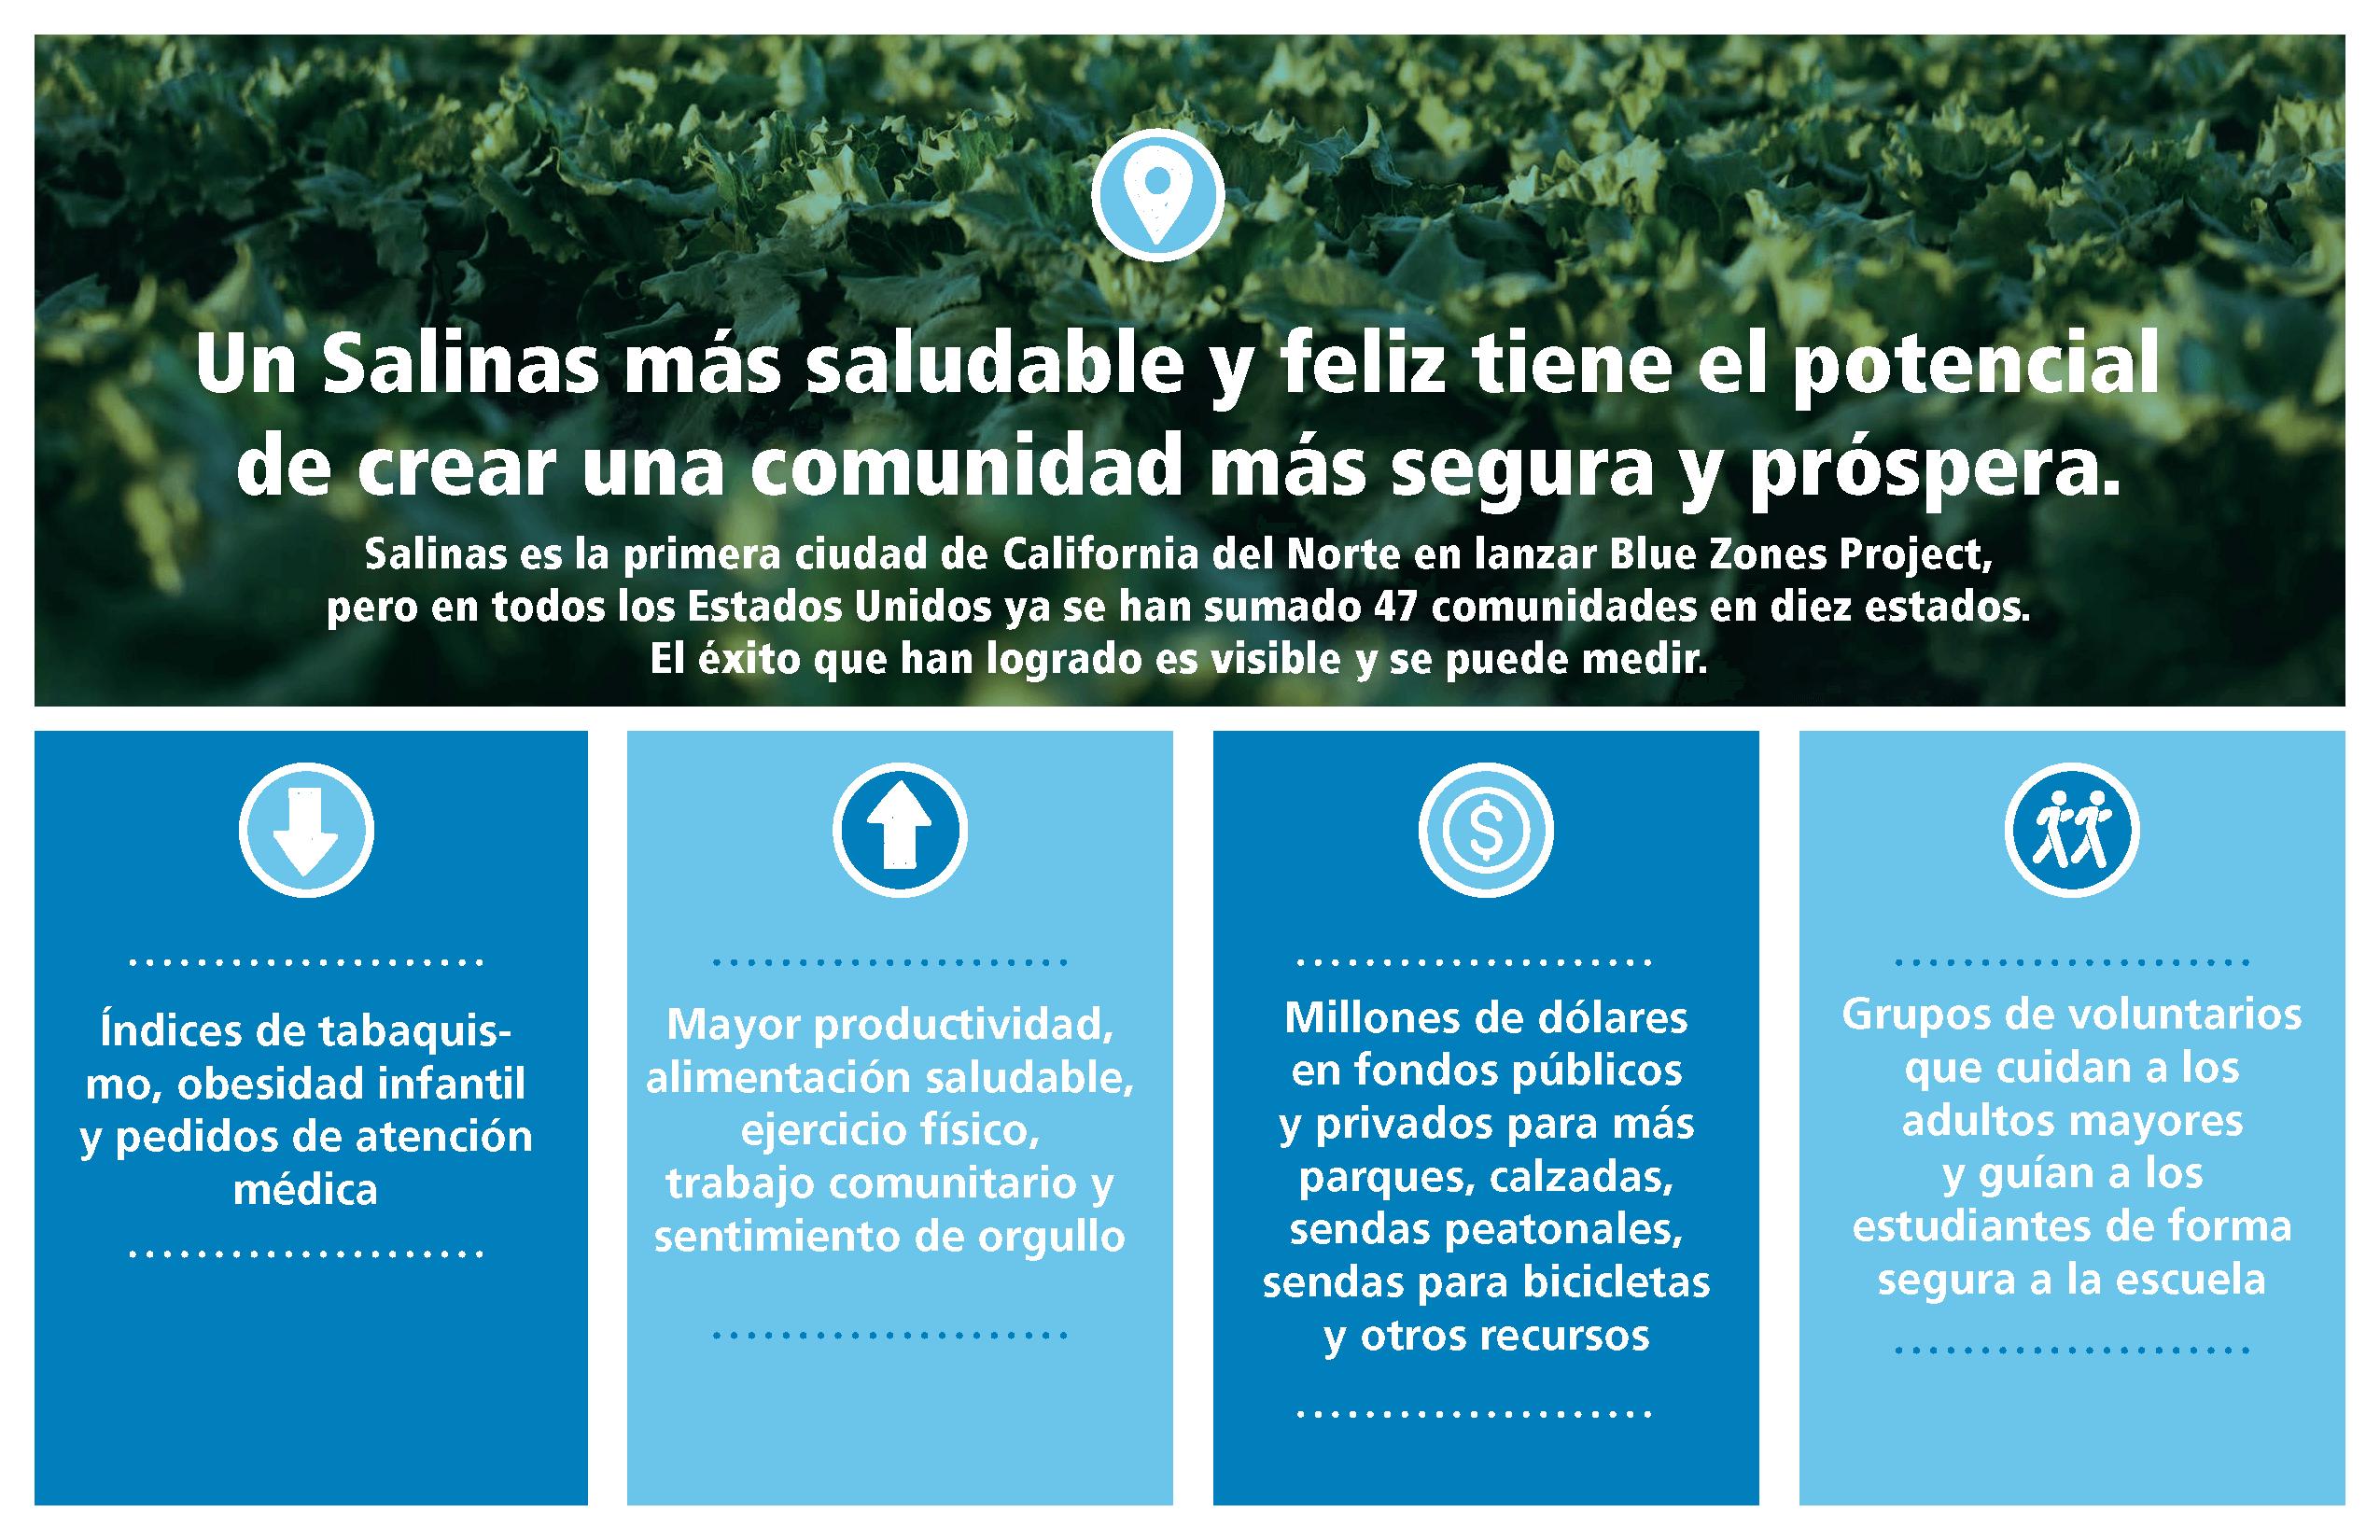 Salinas es la primera ciudad en el norte de California en lanzar el Proyecto Zonas Azules, pero en los EE. UU., Se han unido 47 comunidades en 10 estados.